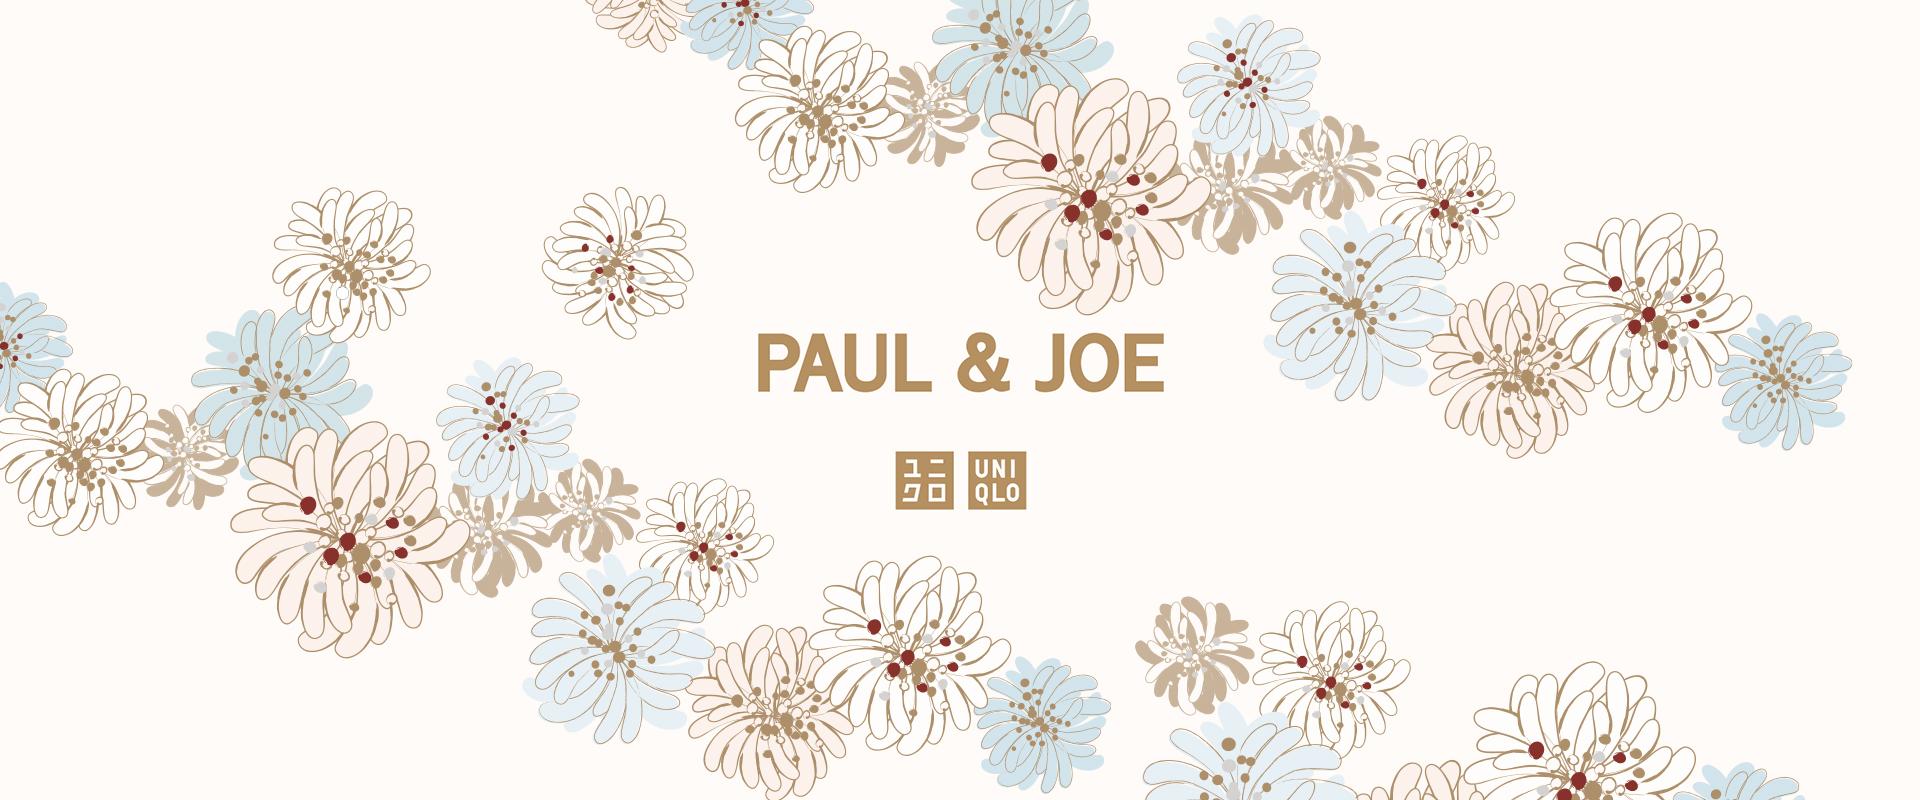 Collaboration Uniqlo x Paul & Joe